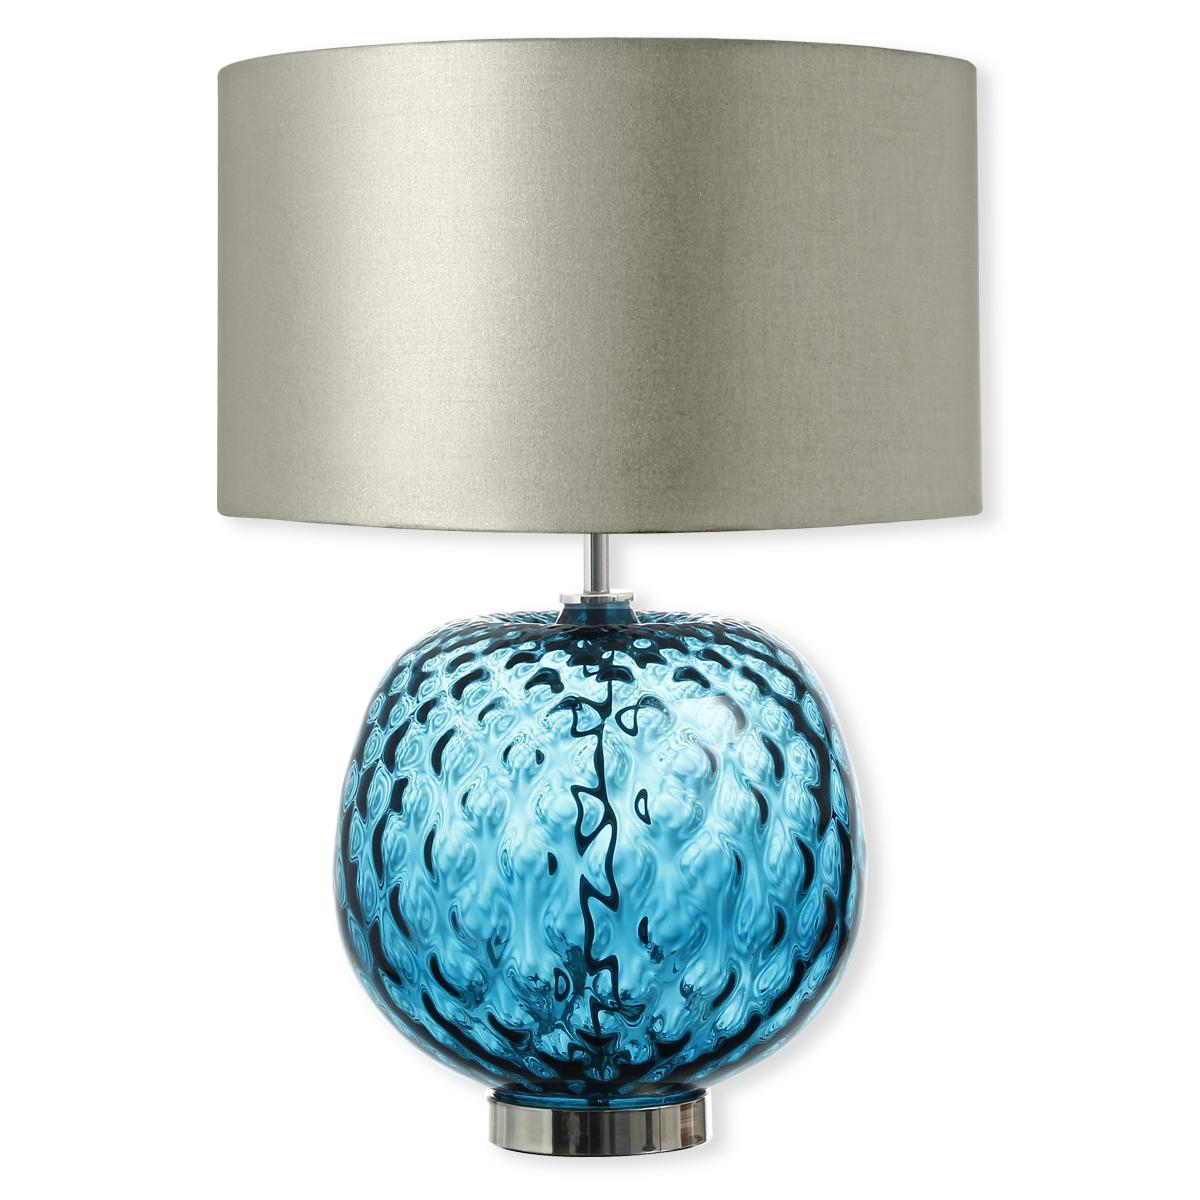 lampe en verre bleu avec abat jour argent 49cm bruno evrard. Black Bedroom Furniture Sets. Home Design Ideas